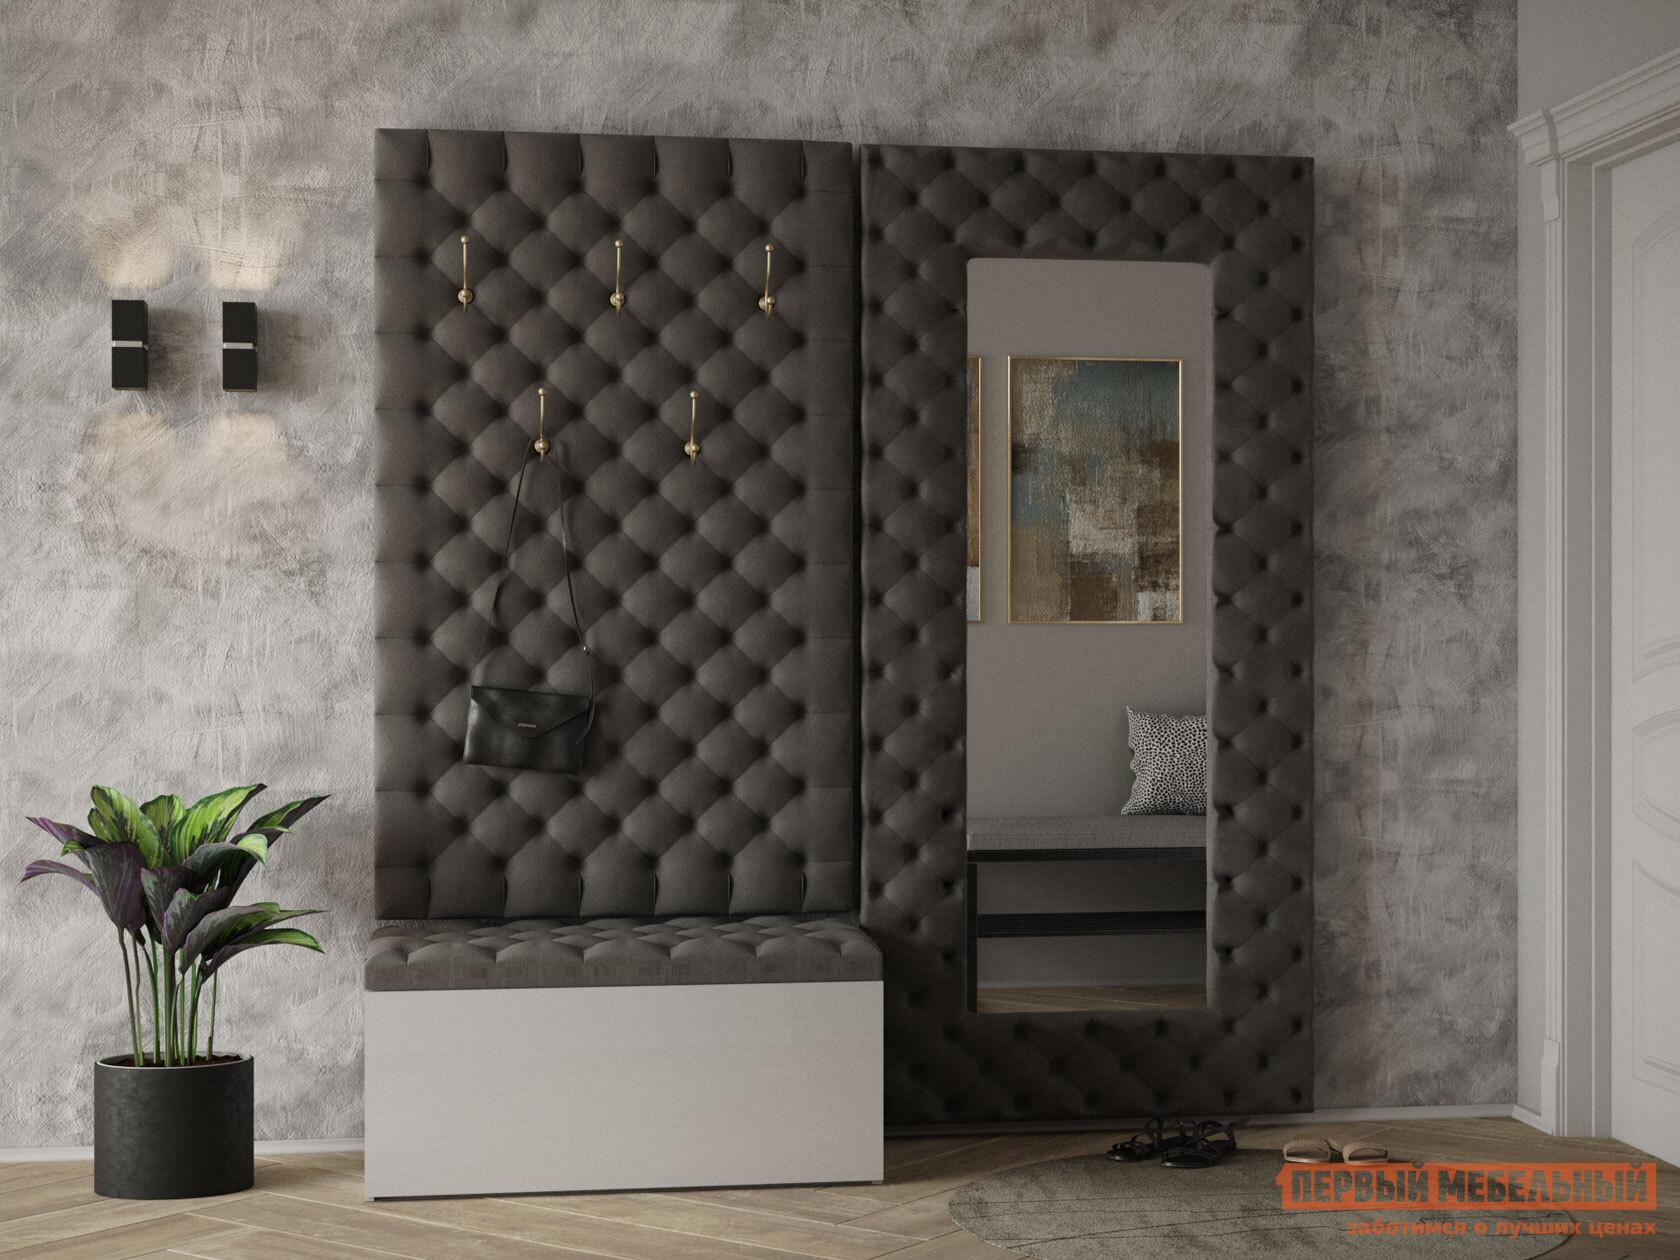 Комплект мебели для прихожей Мелания Комплект мебели для прихожей Графтон 1